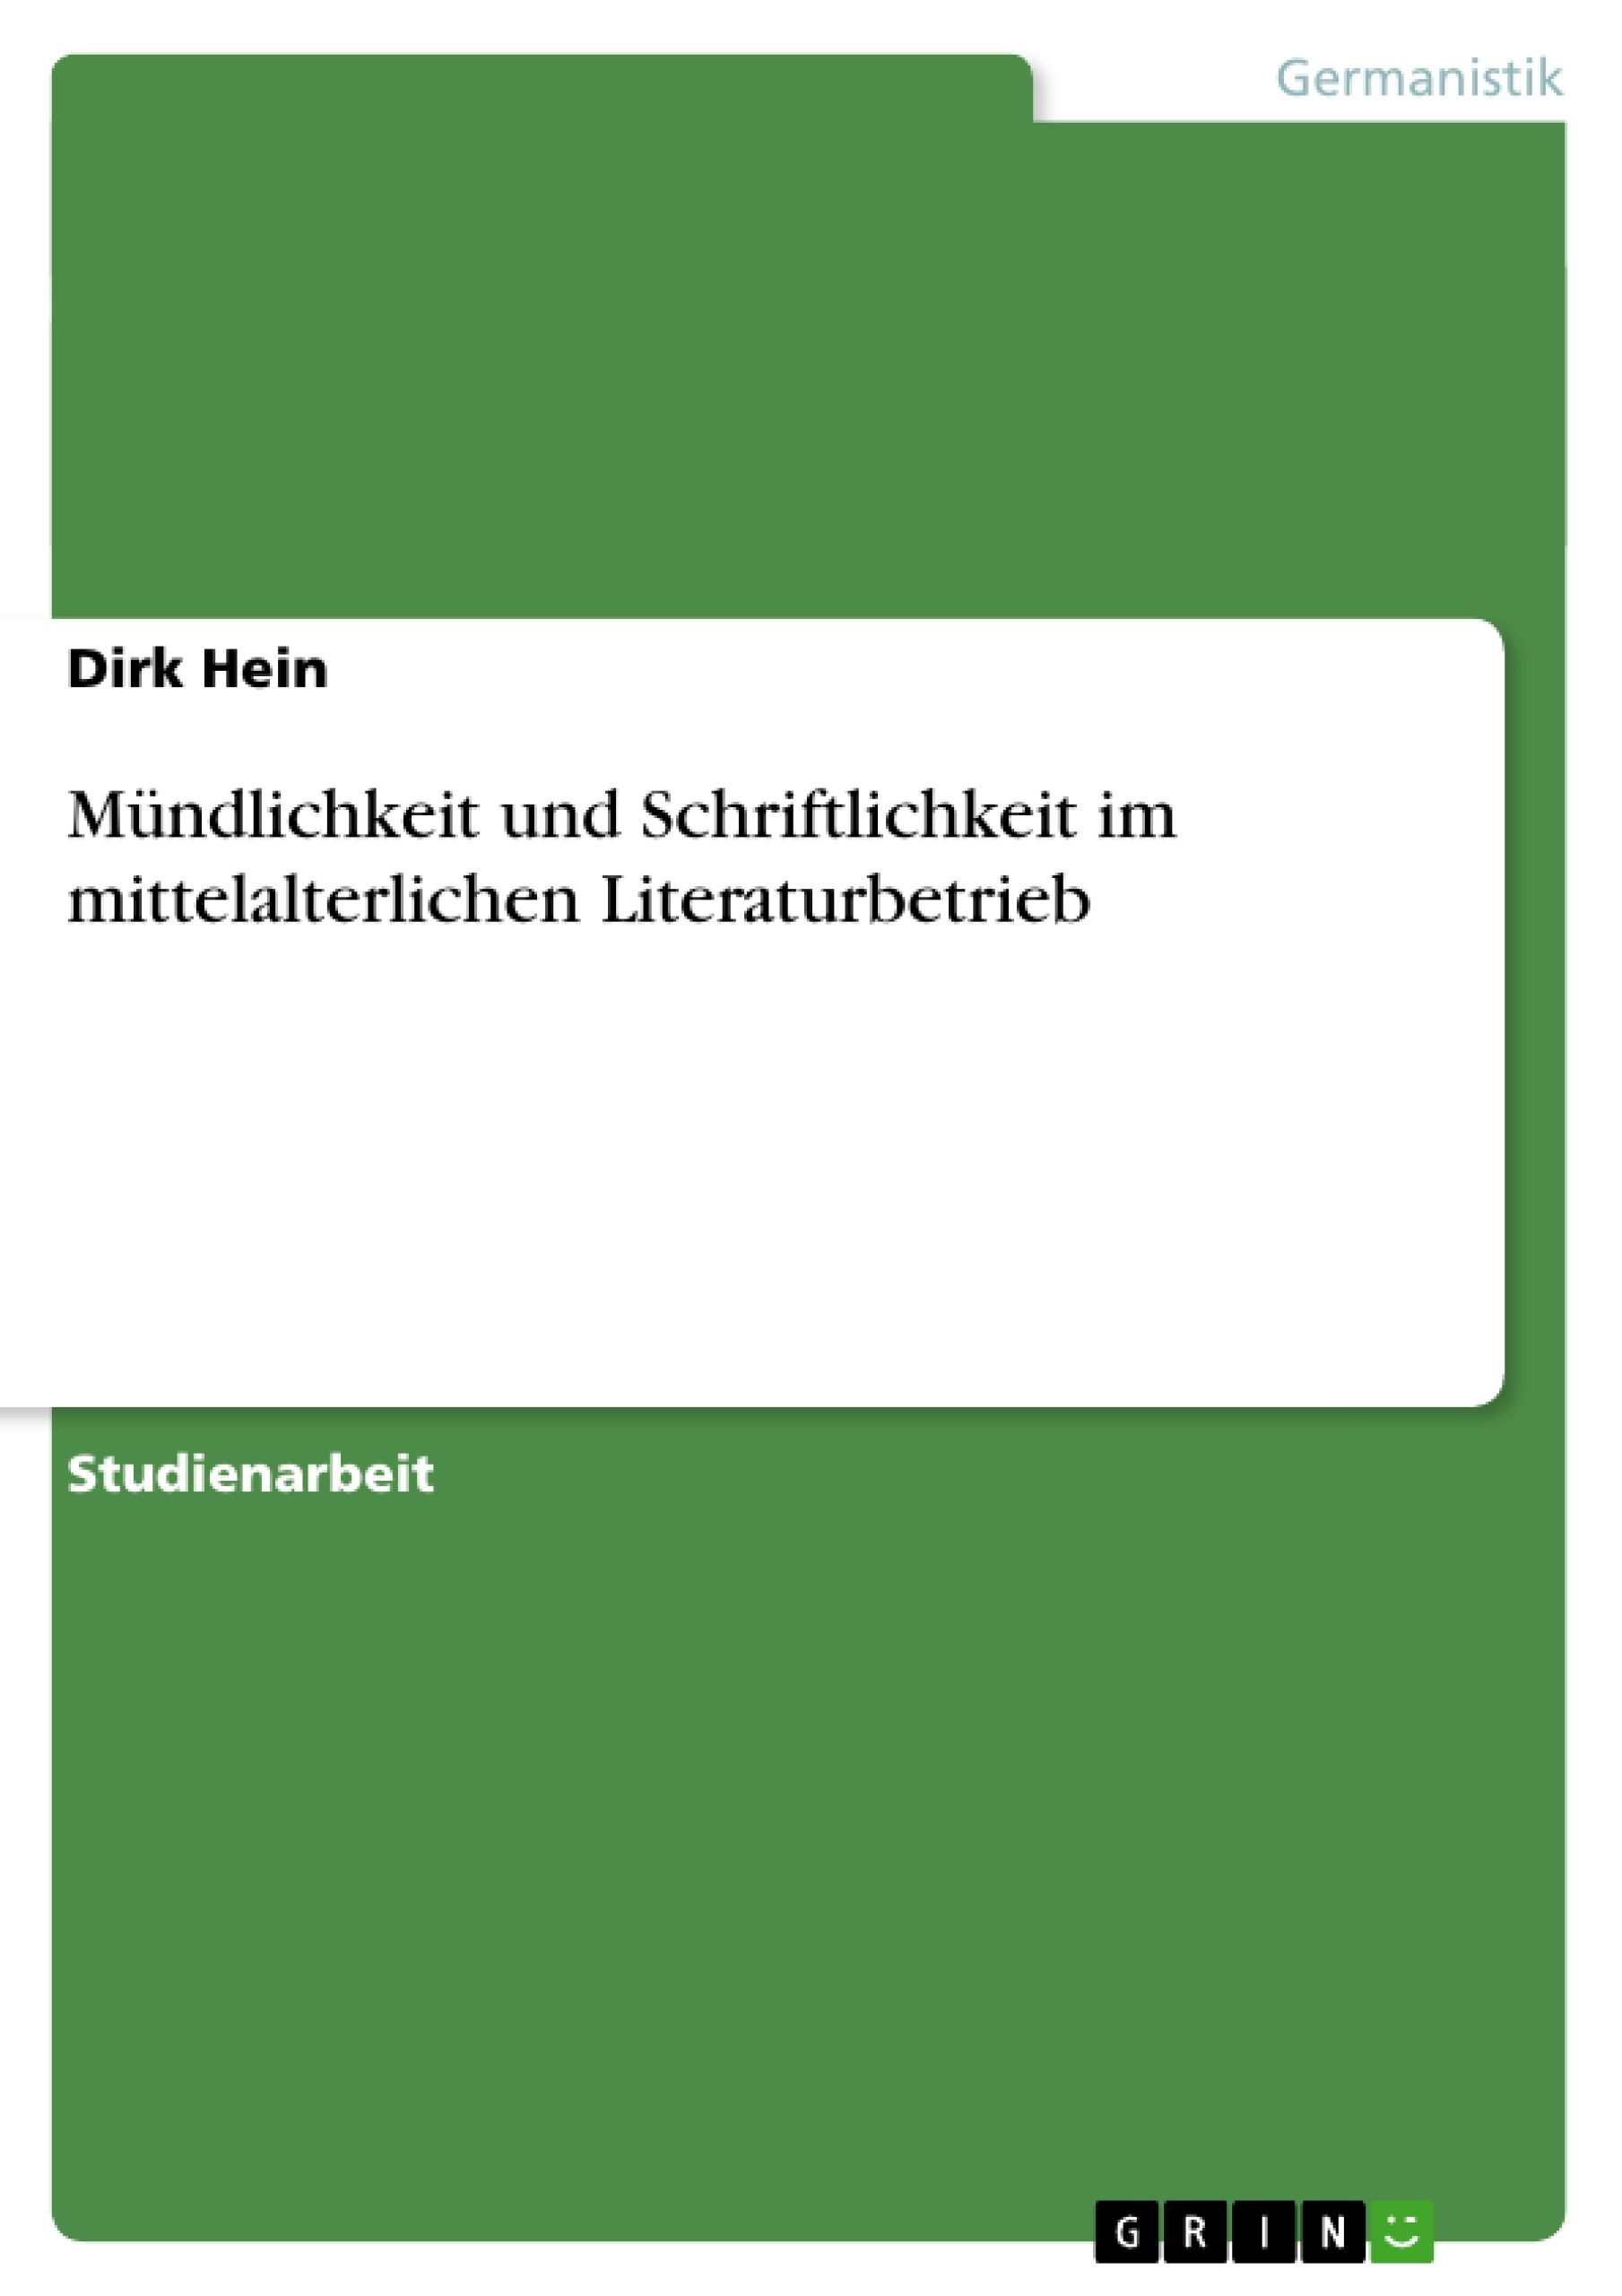 Titel: Mündlichkeit und Schriftlichkeit im mittelalterlichen Literaturbetrieb